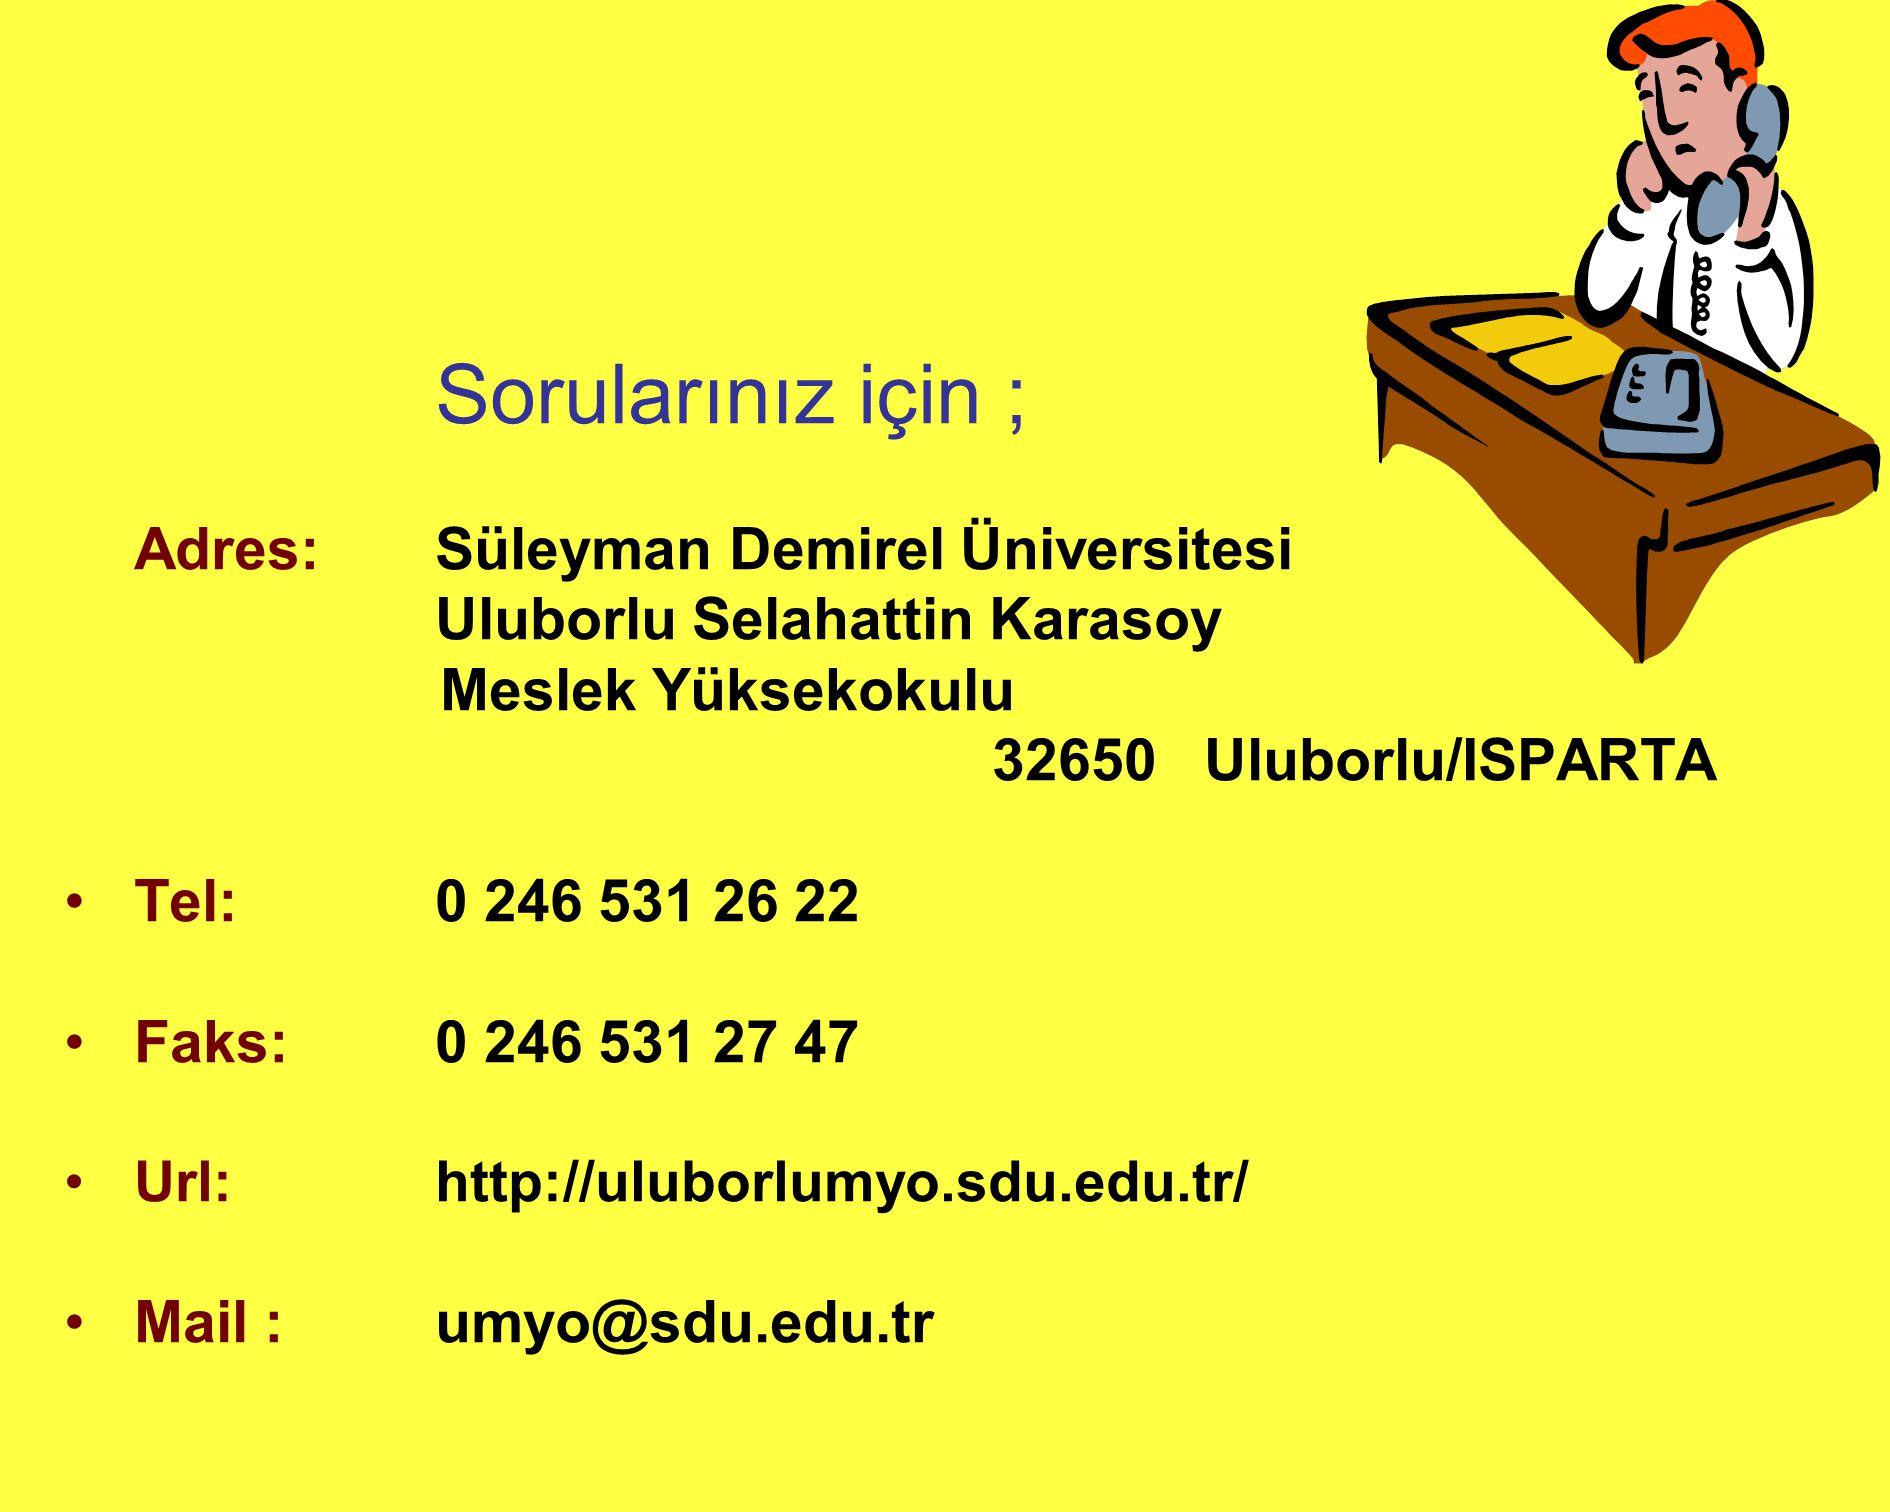 Sorularınız için ; Adres: Süleyman Demirel Üniversitesi